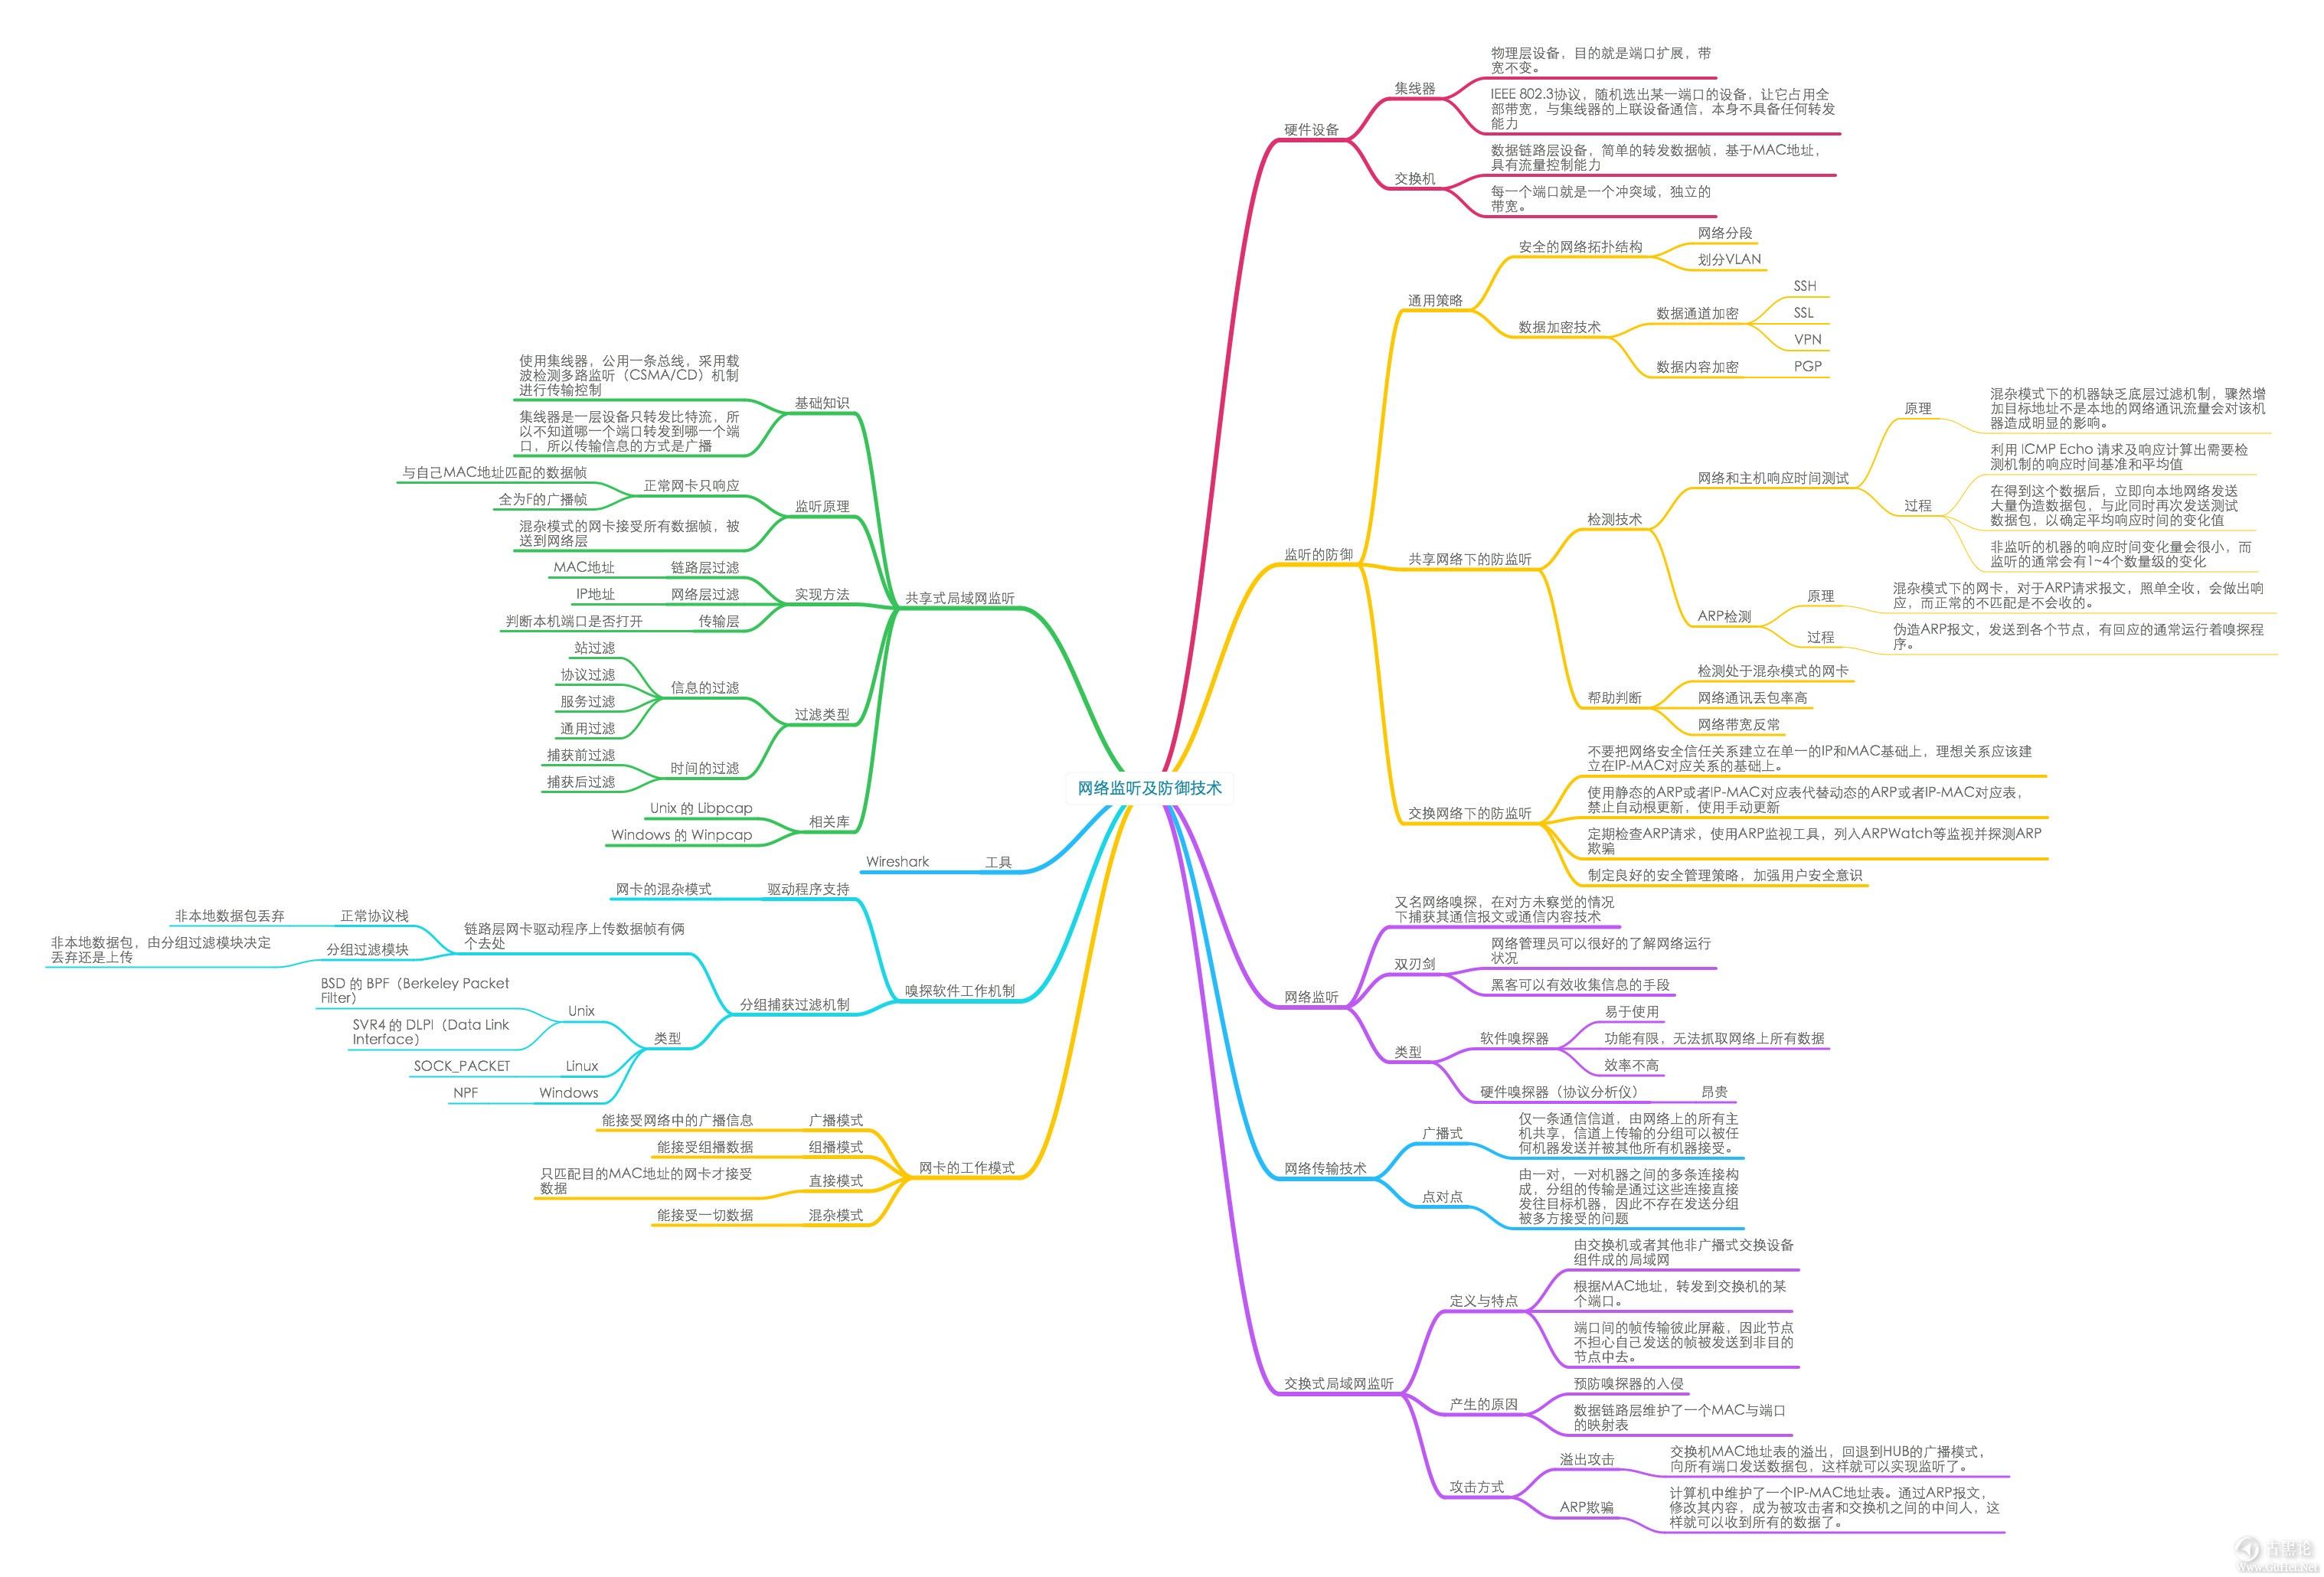 网络安全学习导图(图片约6M) 3-网络监听.jpg